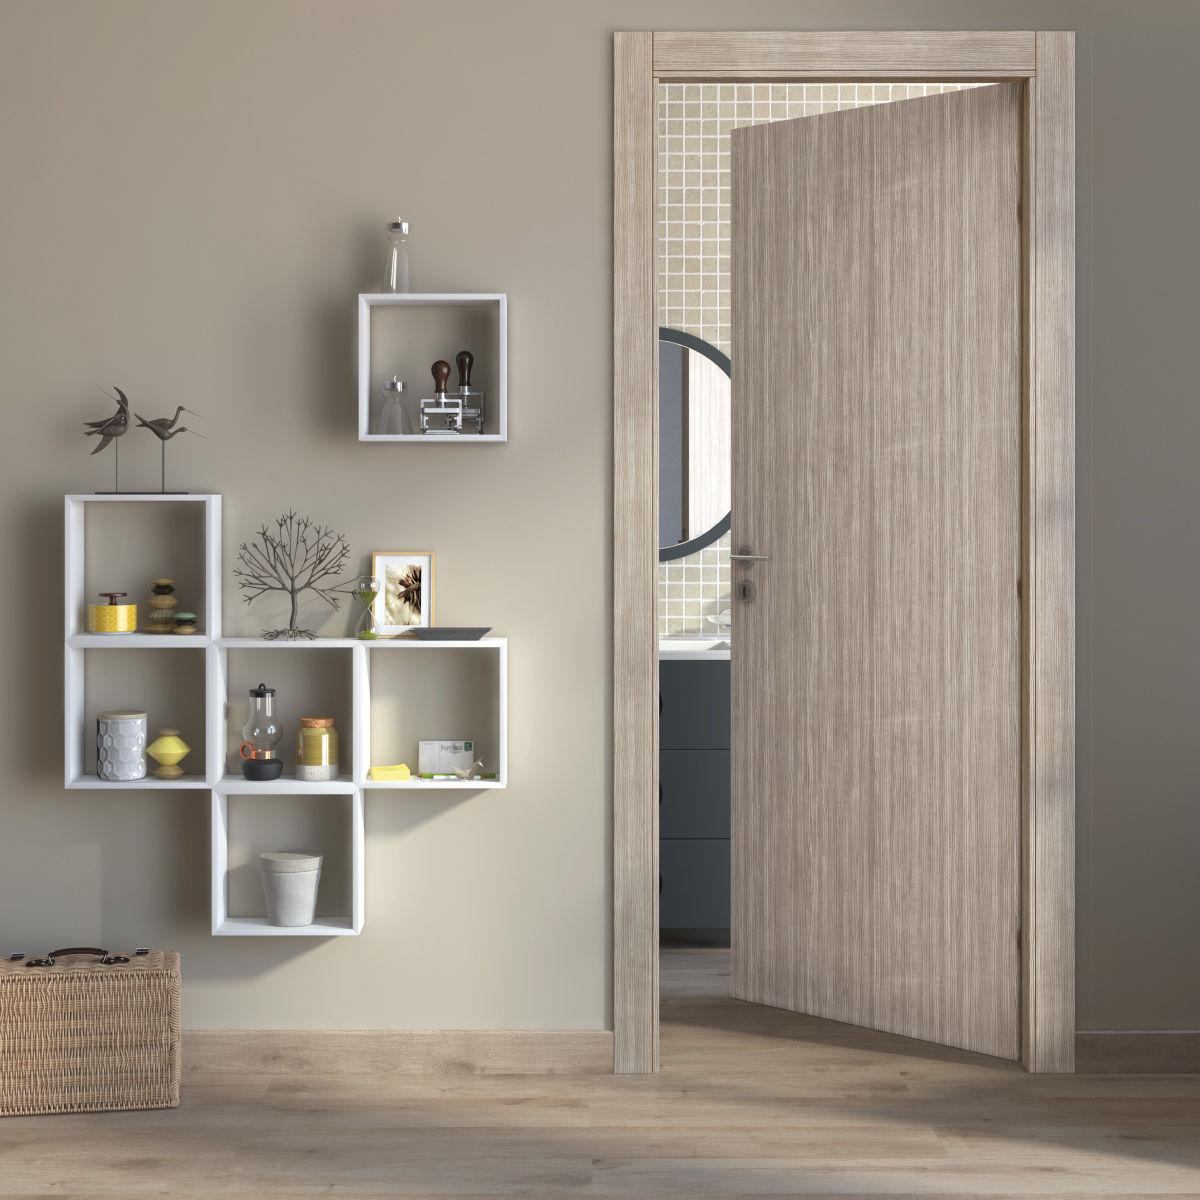 Leroy merlin tende da interni stunning le porte per - Leroy merlin porte da interno ...